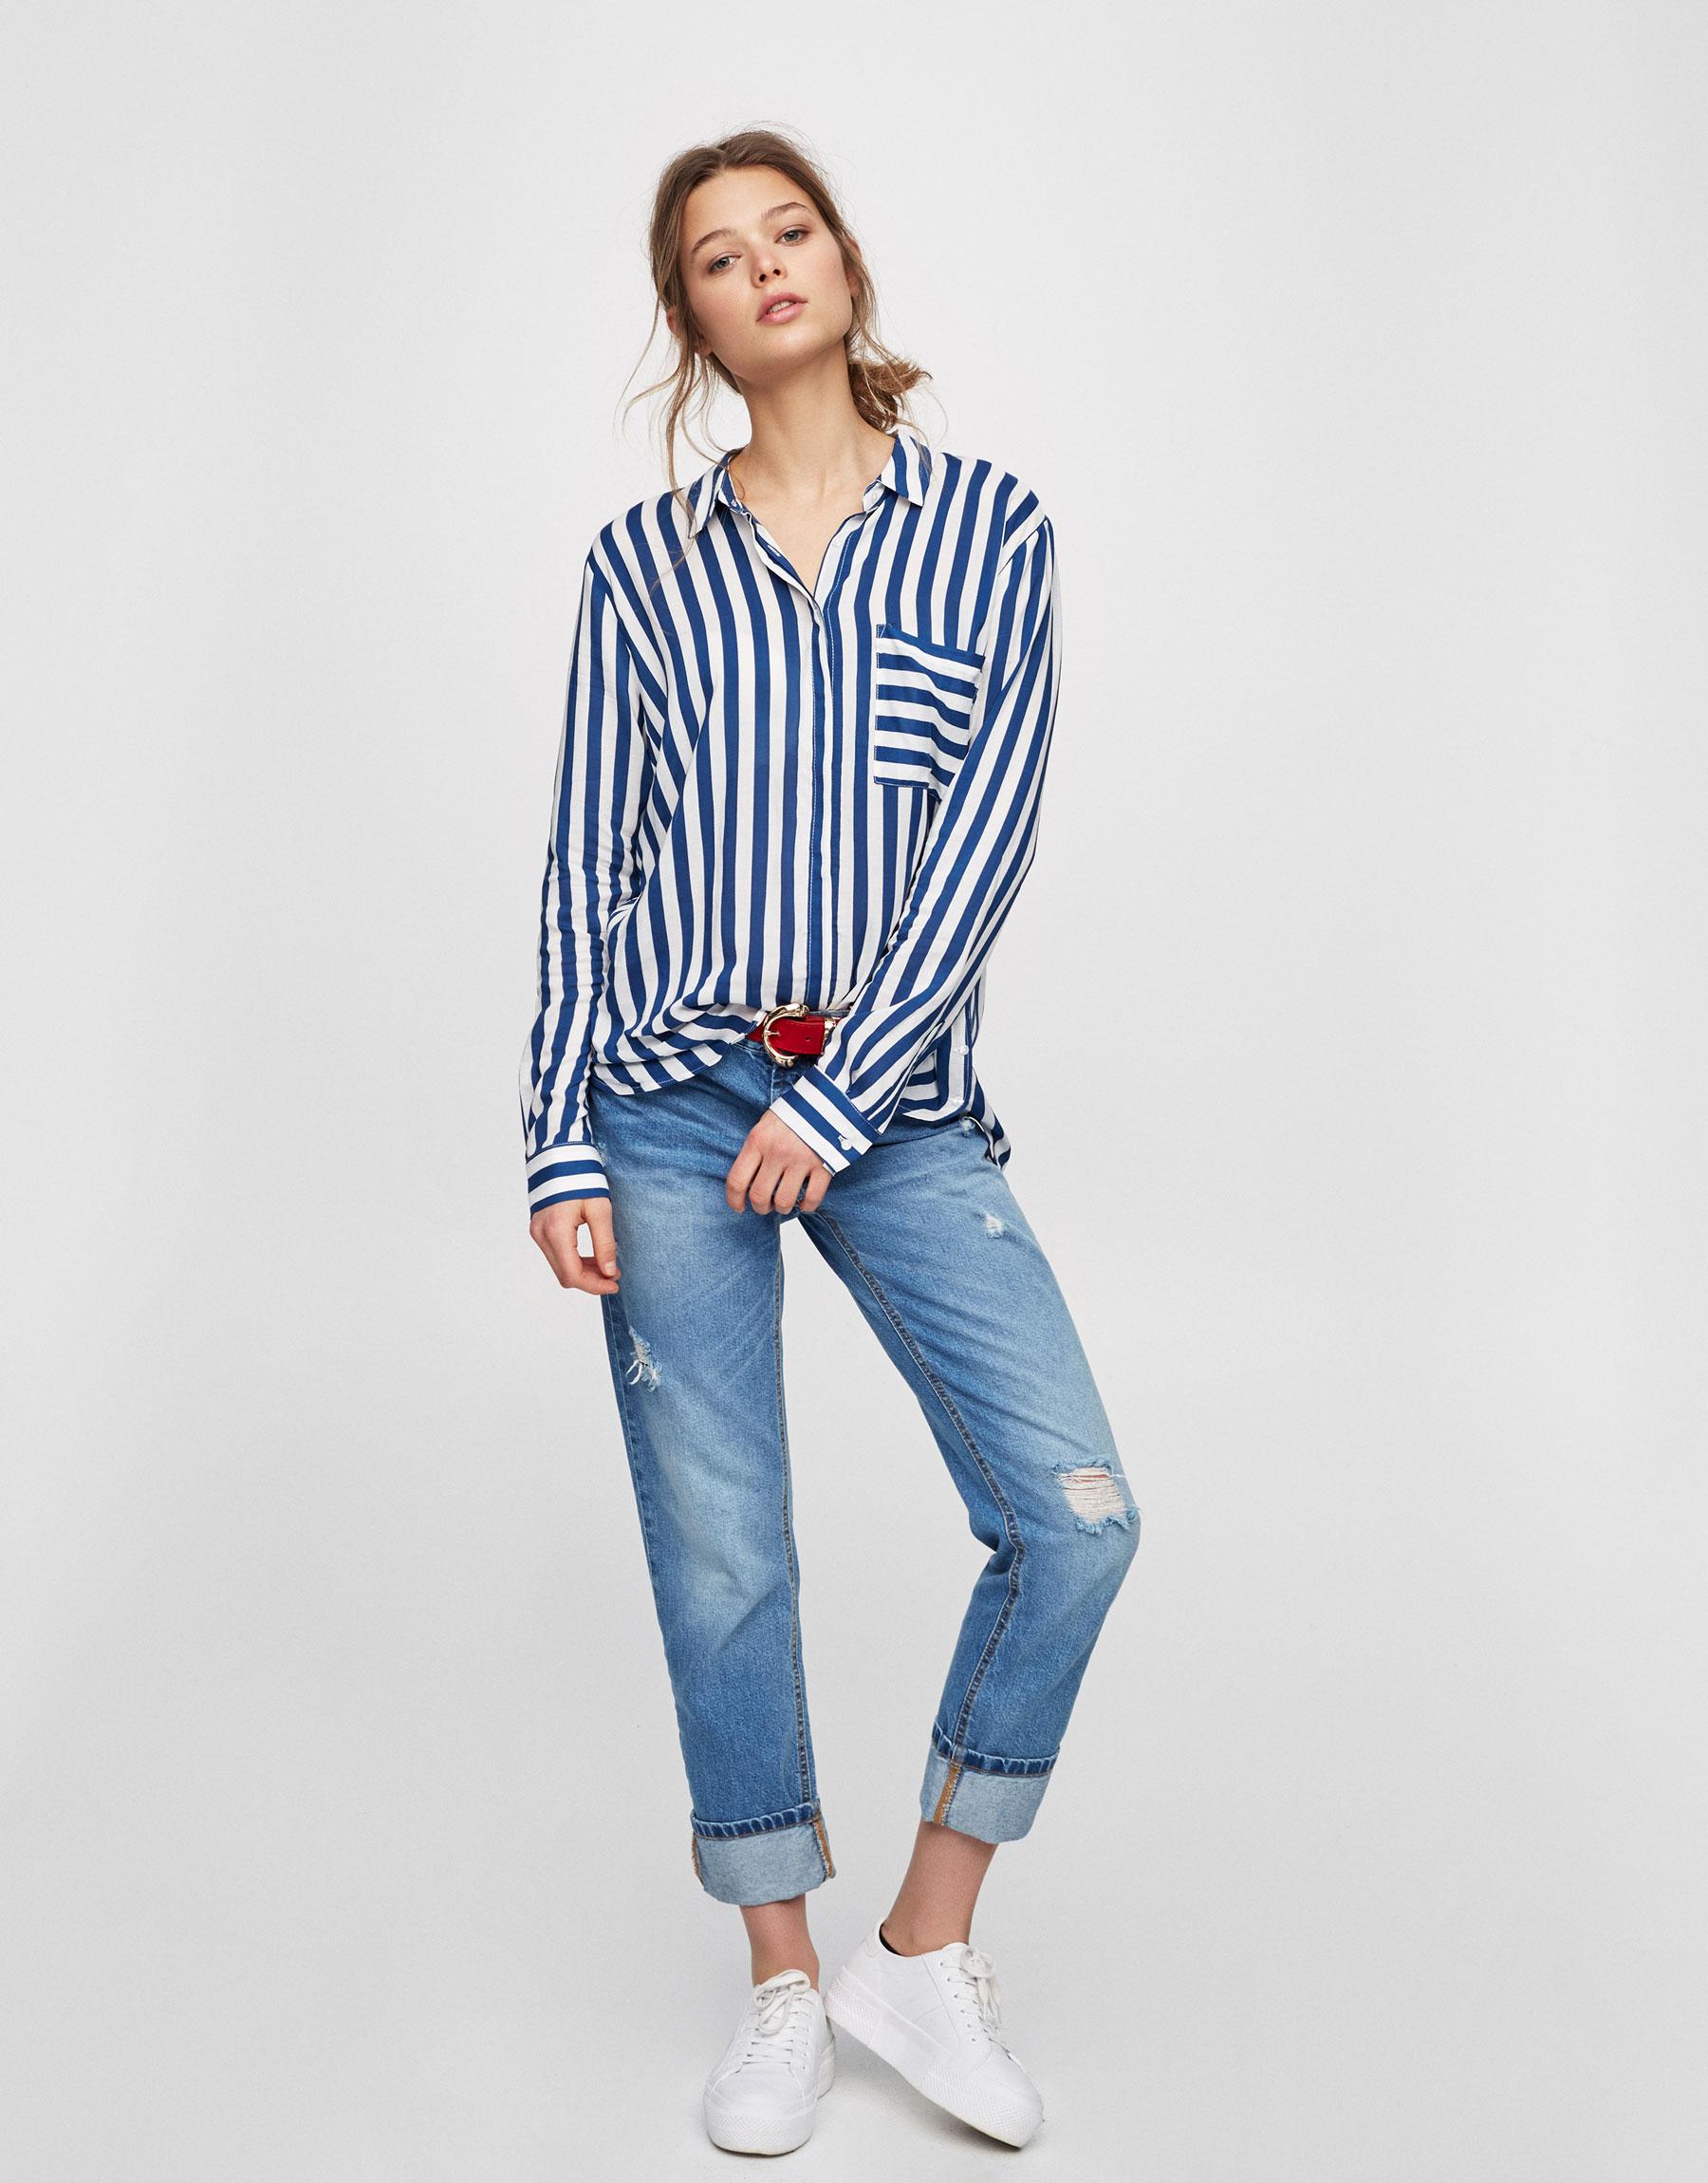 Chemise imprimée manches longues - Chemises - Blouses et chemises - Vêtements - Femme - PULL&BEAR France